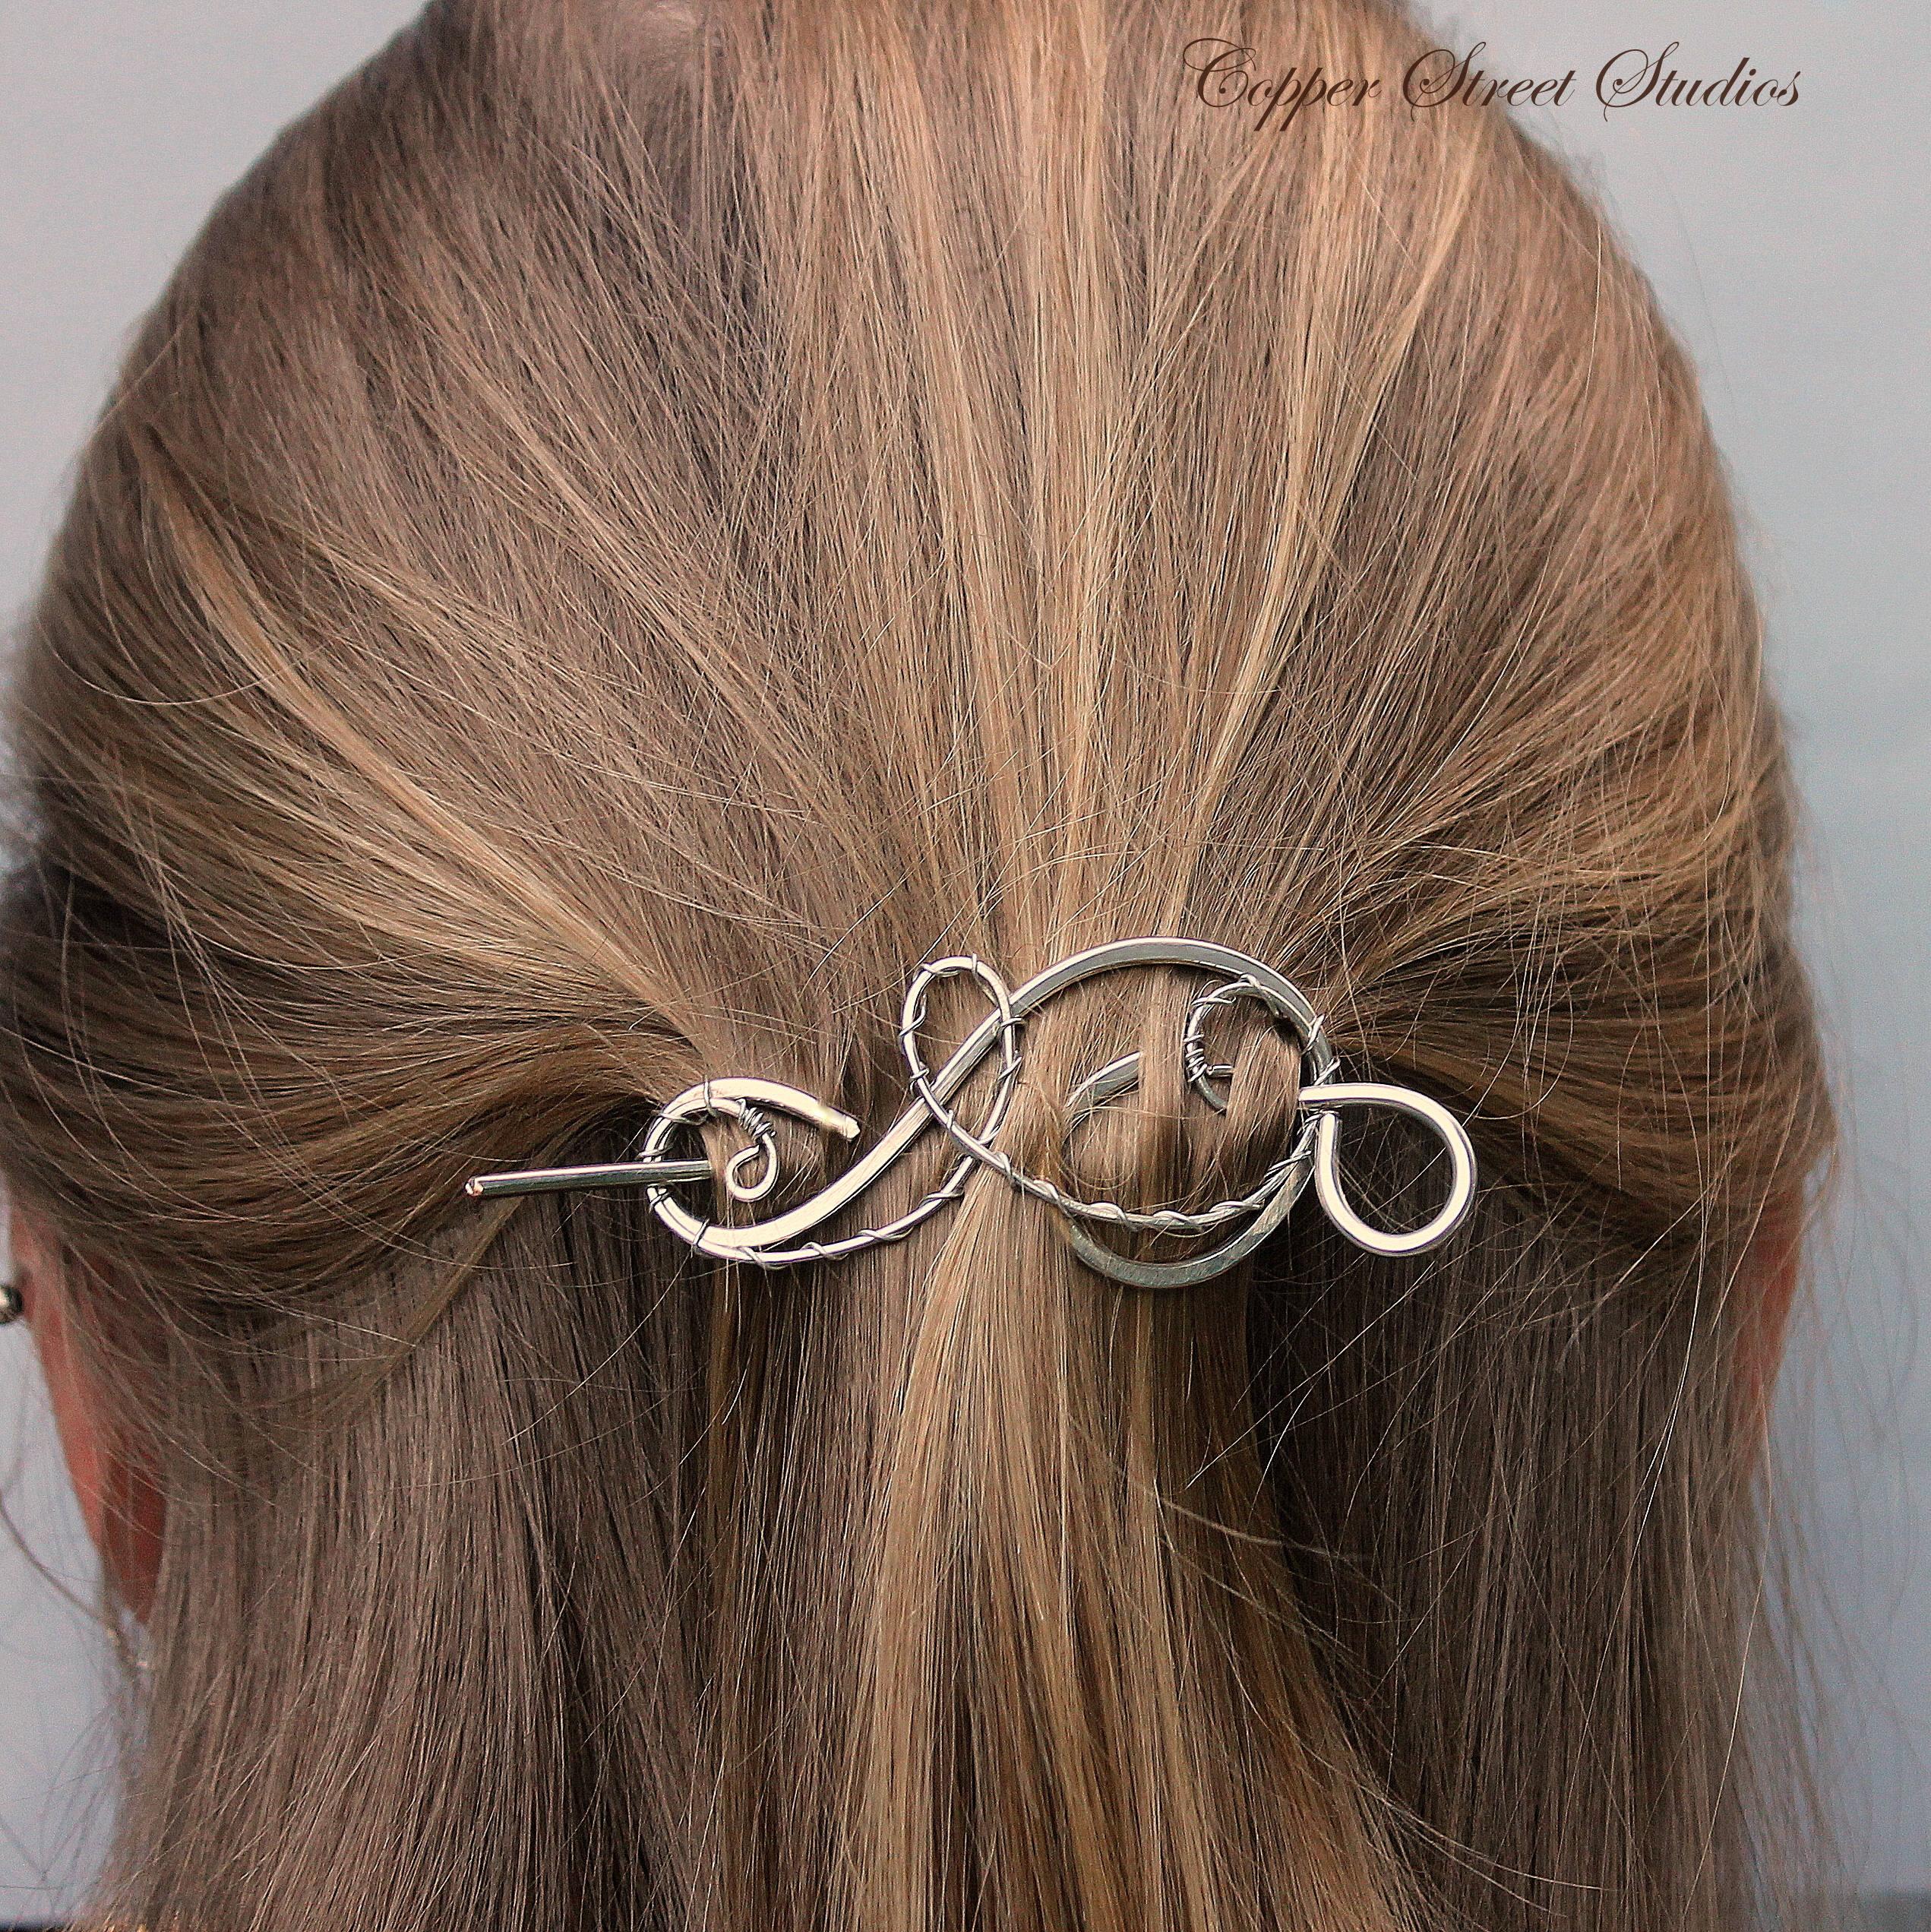 Silver Hair Clip Silver Shawl Pin Small Hair Barrette